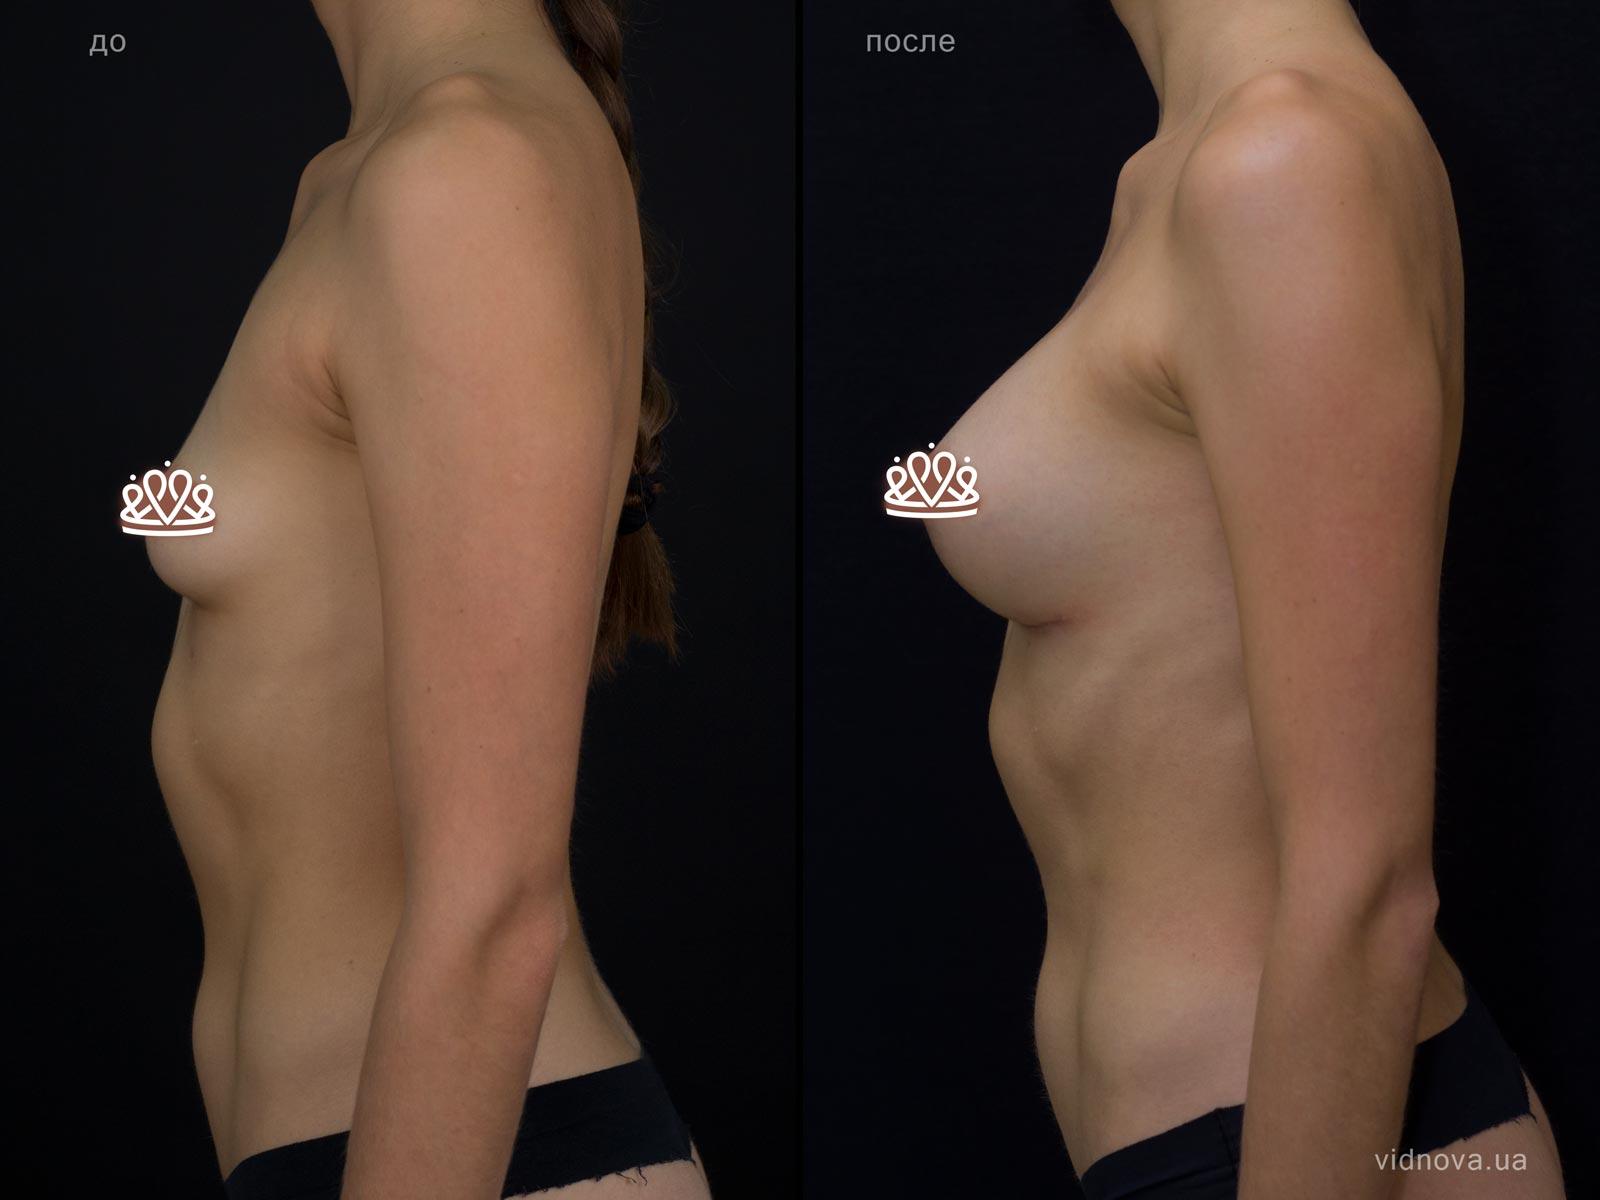 Пластика груди: результаты до и после - Пример №115-2 - Светлана Работенко